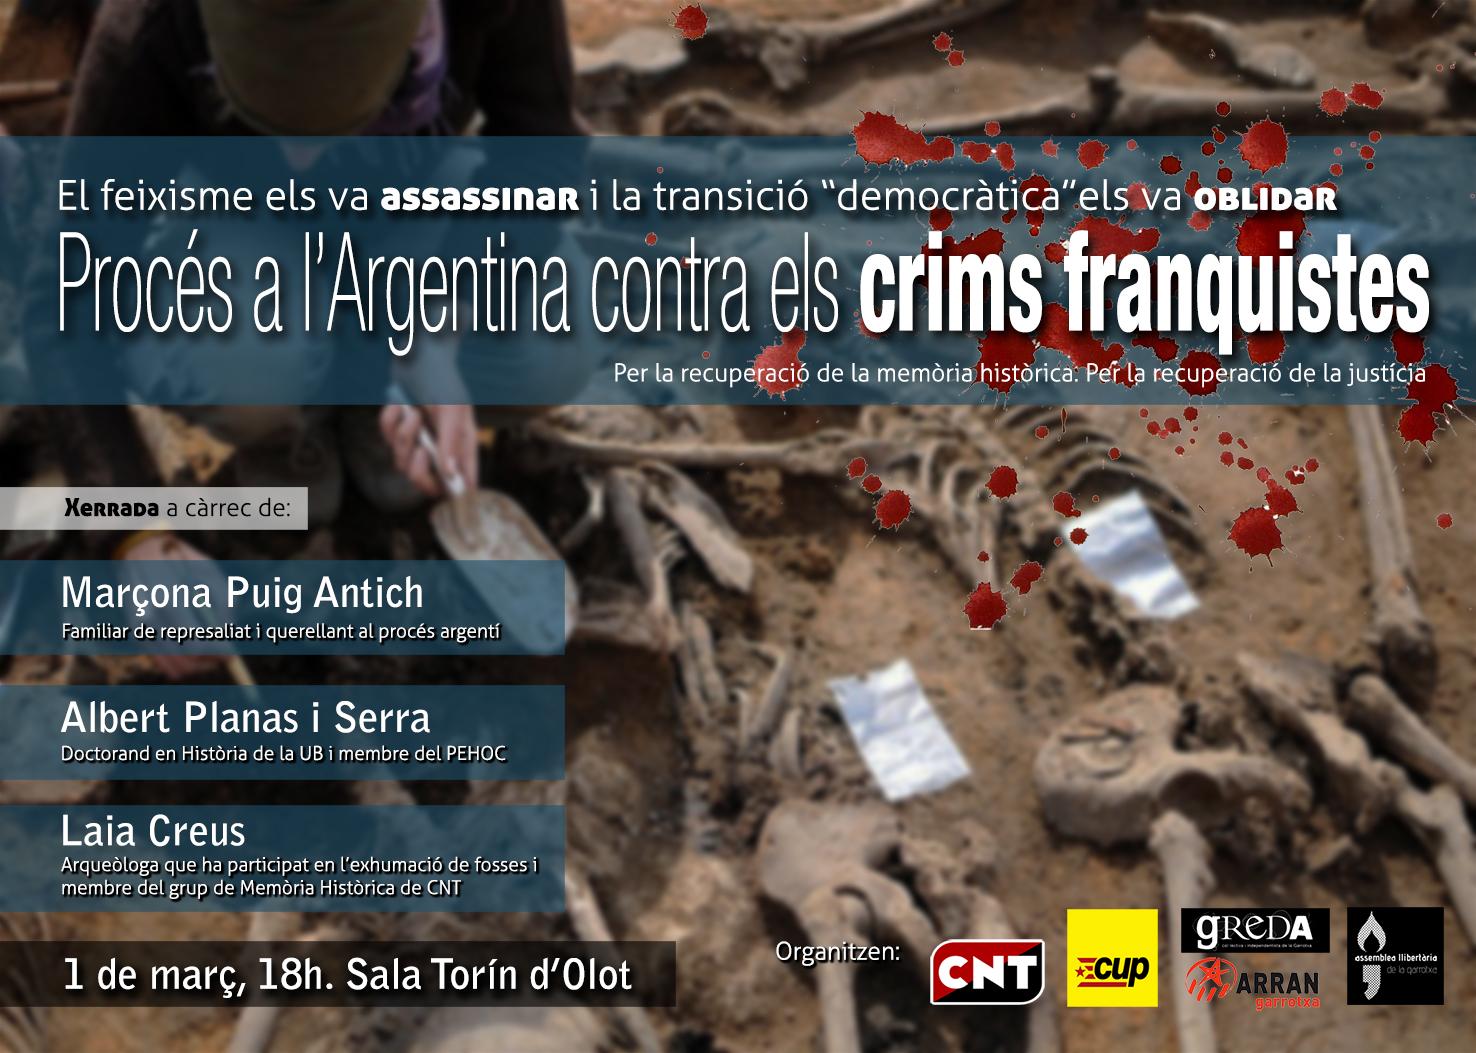 """1 de març acte a Olot """"Procés a l'Argentina contra els crims franquistes"""""""